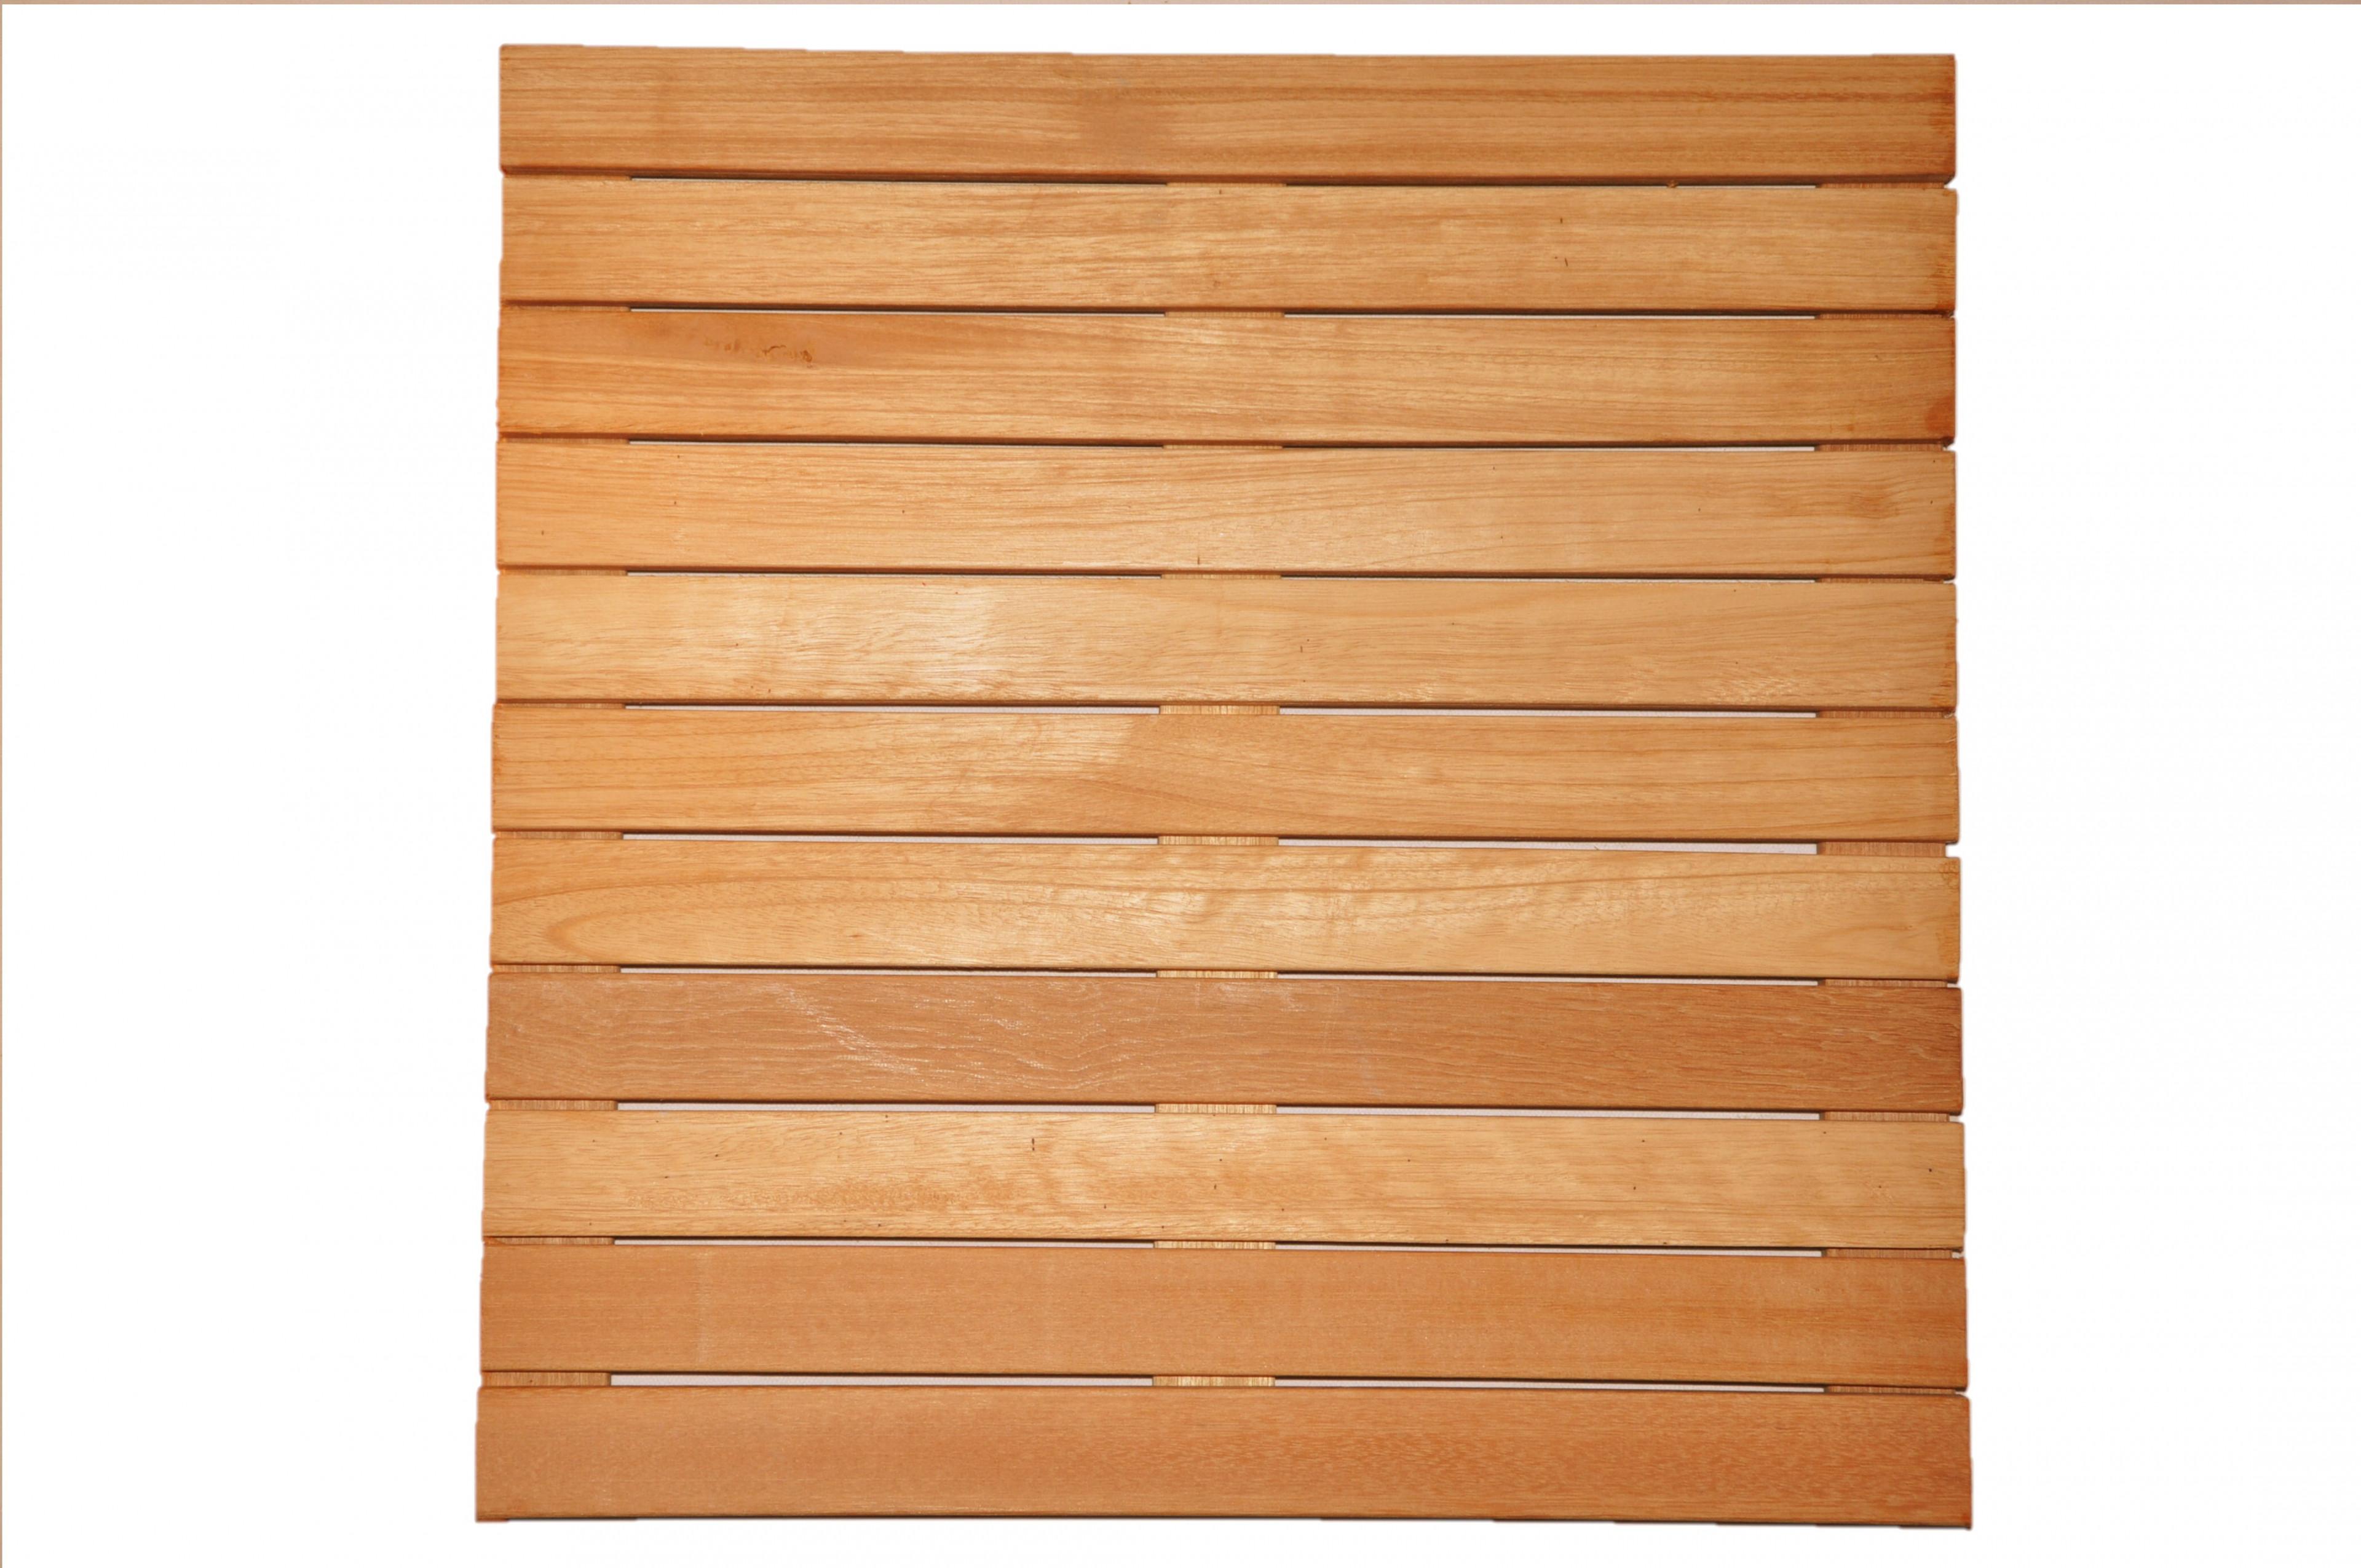 Dalles de terrasse en bois: Bangkirai massif lisse 30 x 500 x 500mm - 11 lattes